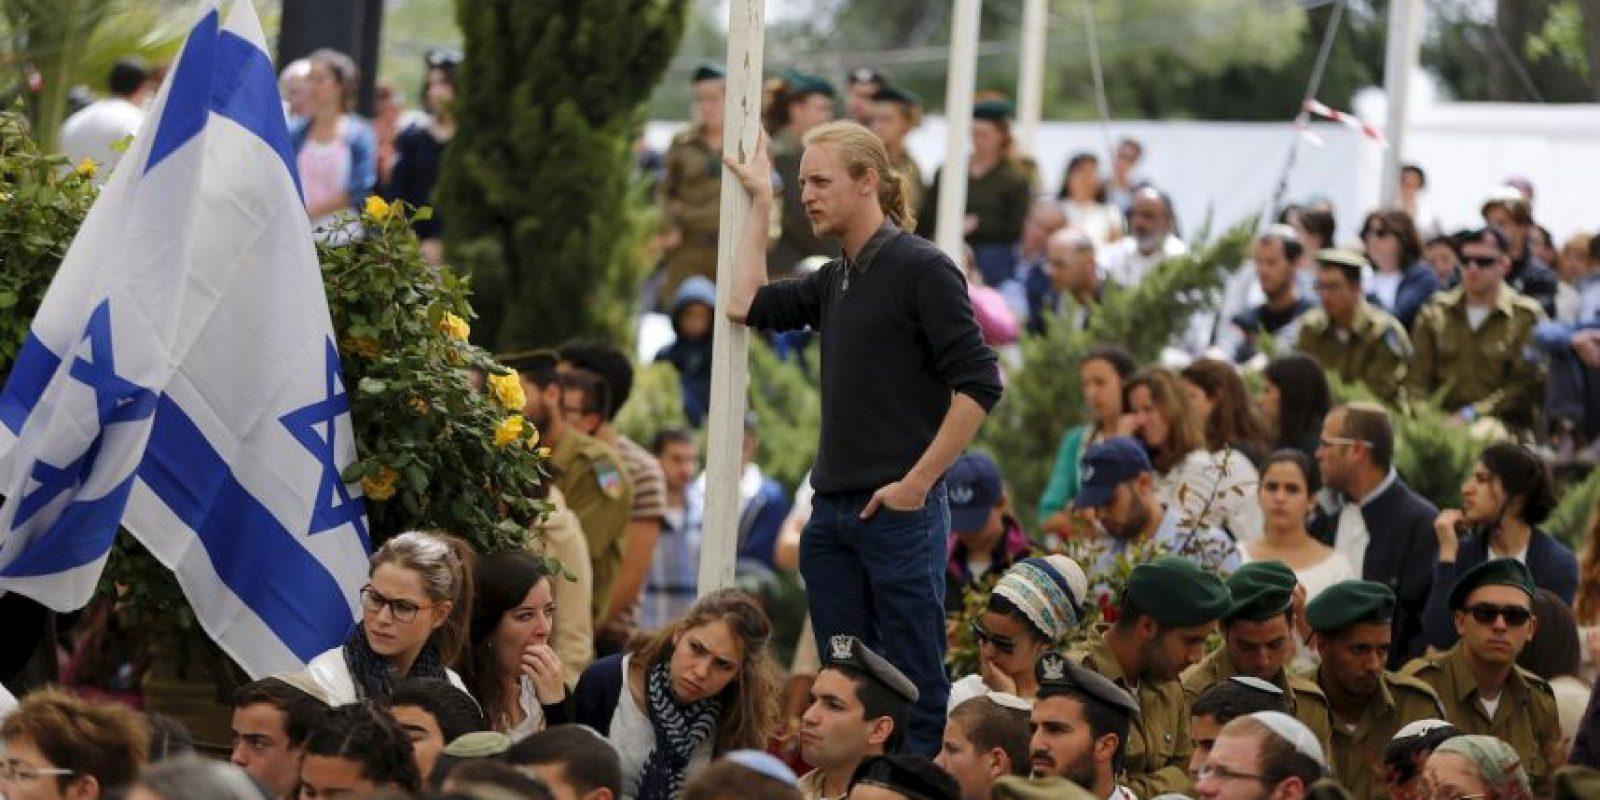 También se recuerdan a los muertos debido al conflicto árabe-israelí, incluyendo a las víctimas del terrorismo. Foto:AFP